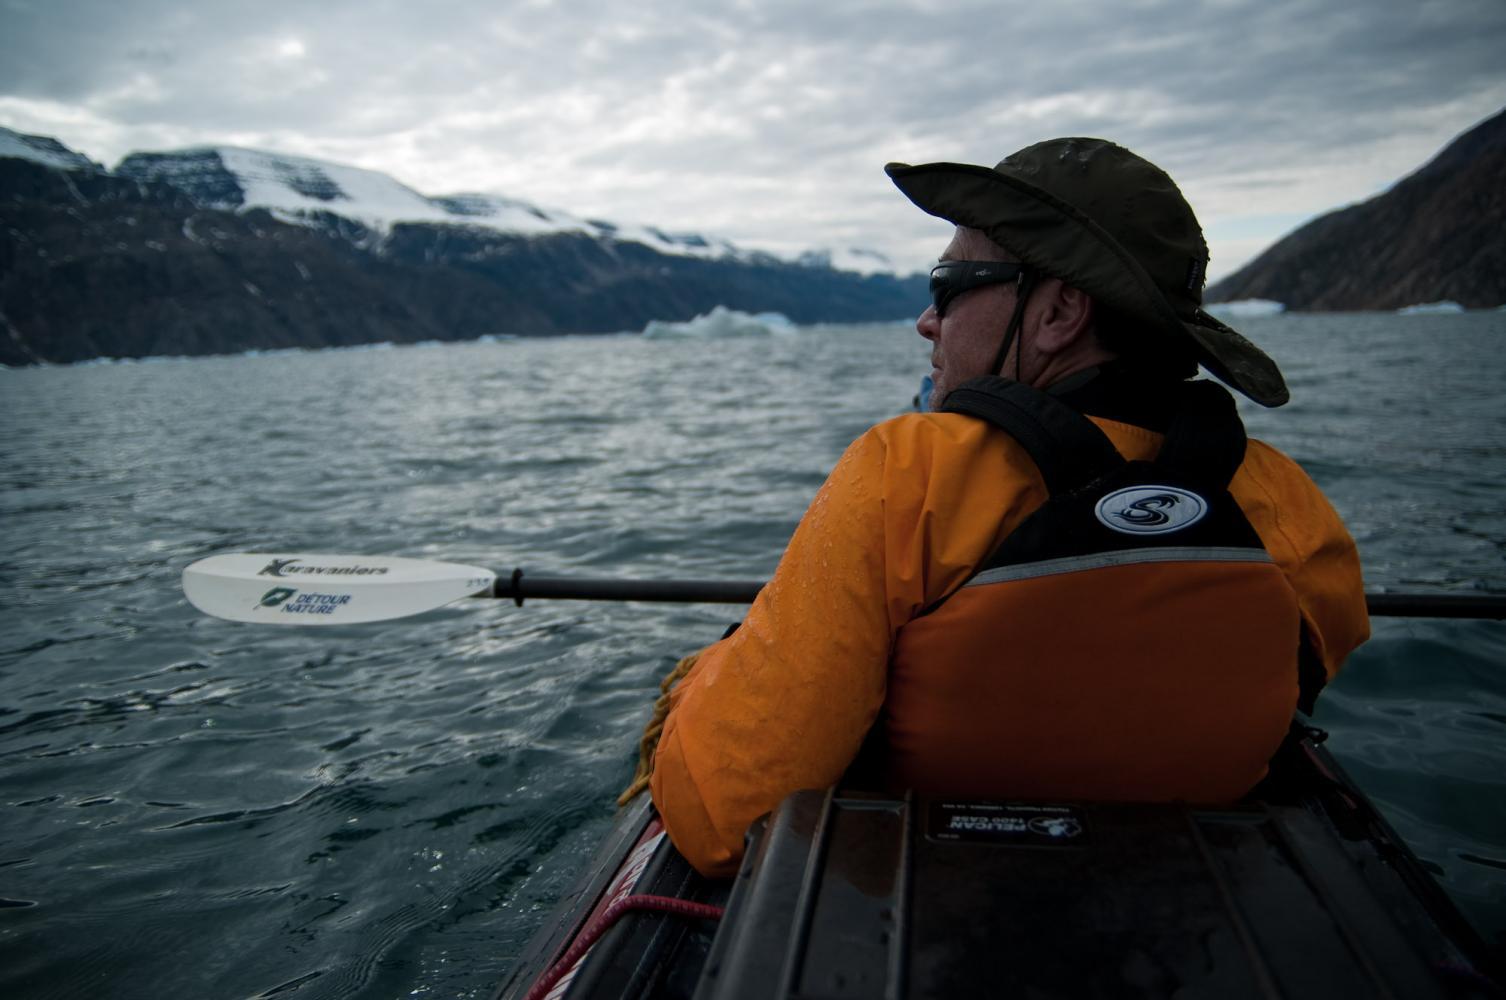 Groenland Scoresbysund 2009 - Karavaniers 191